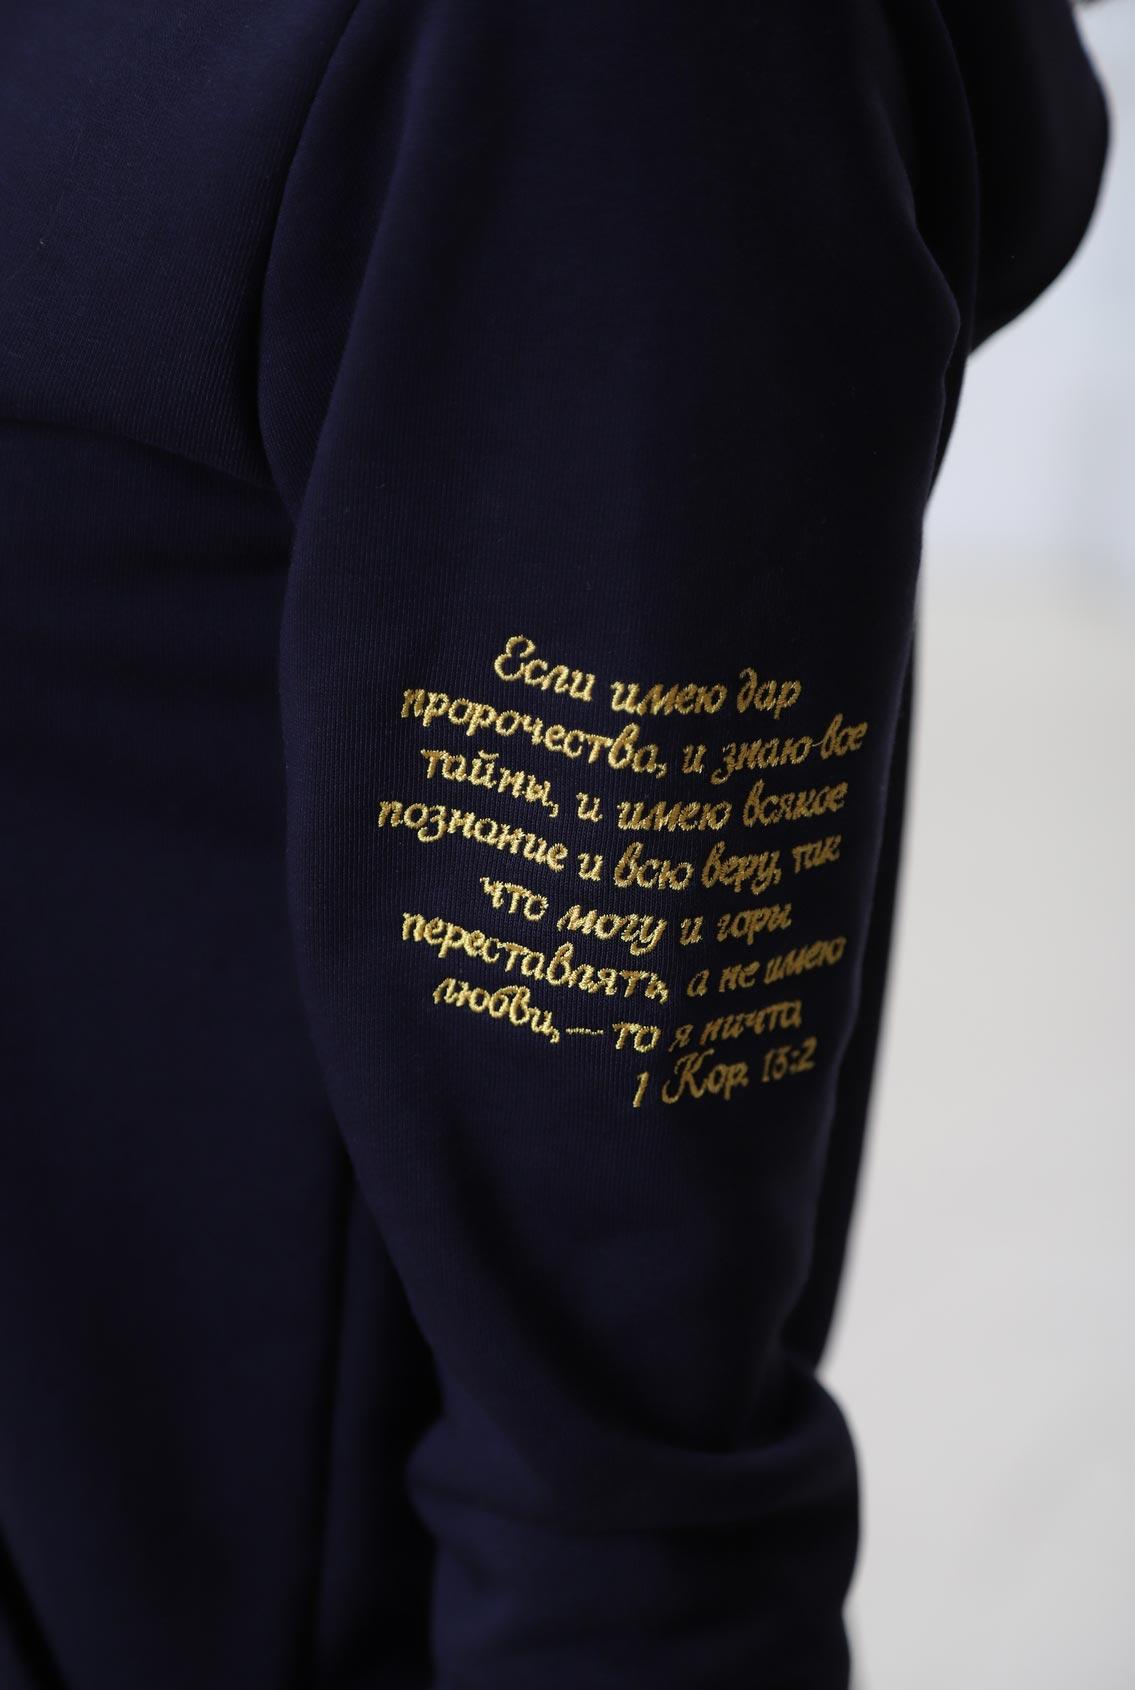 Толстовка с цитатой, Sweatshirt with quote